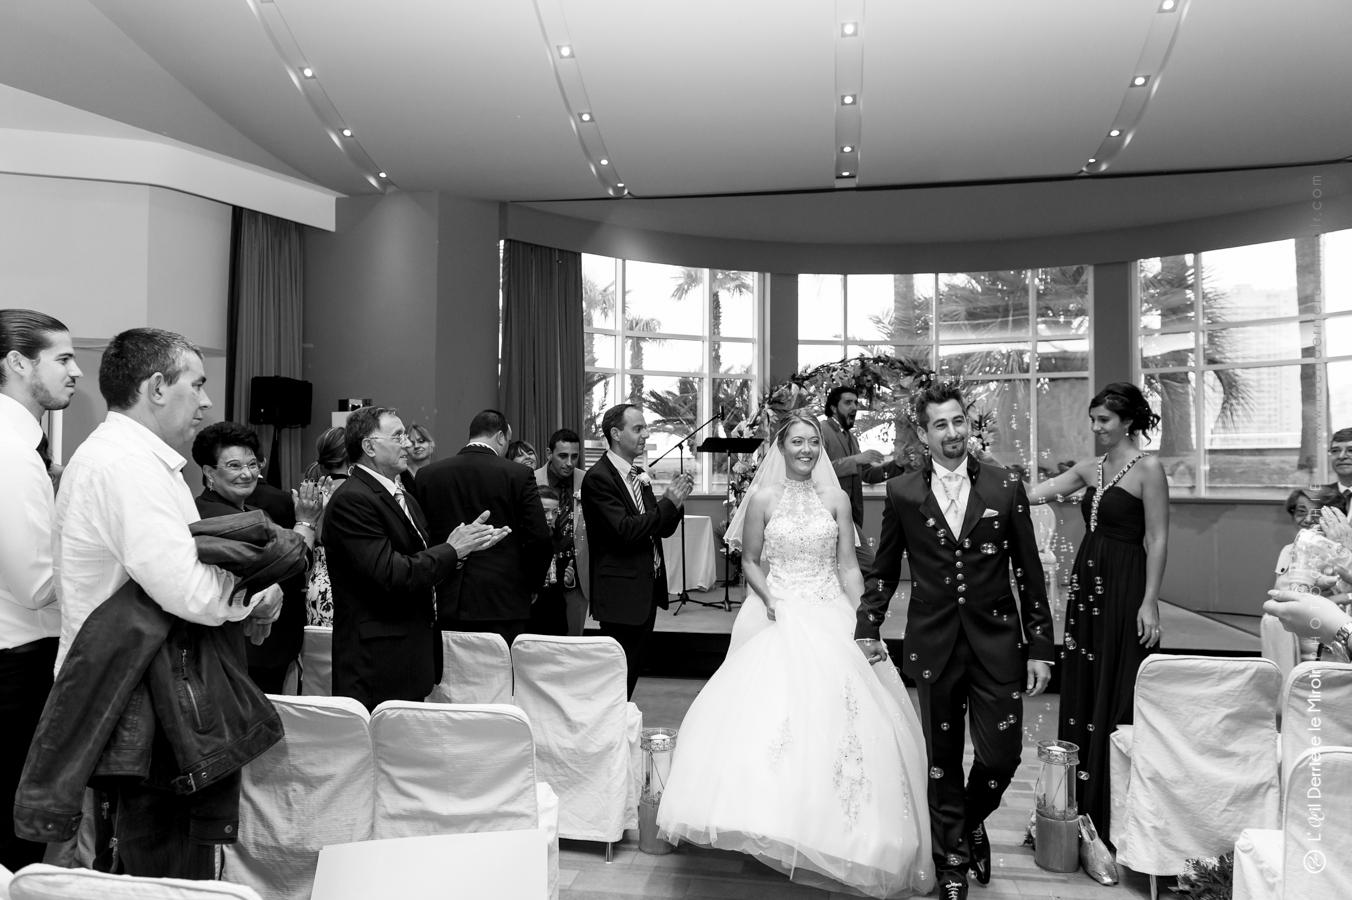 Photographe-mariage-monaco-loeilderrierelemiroir-059